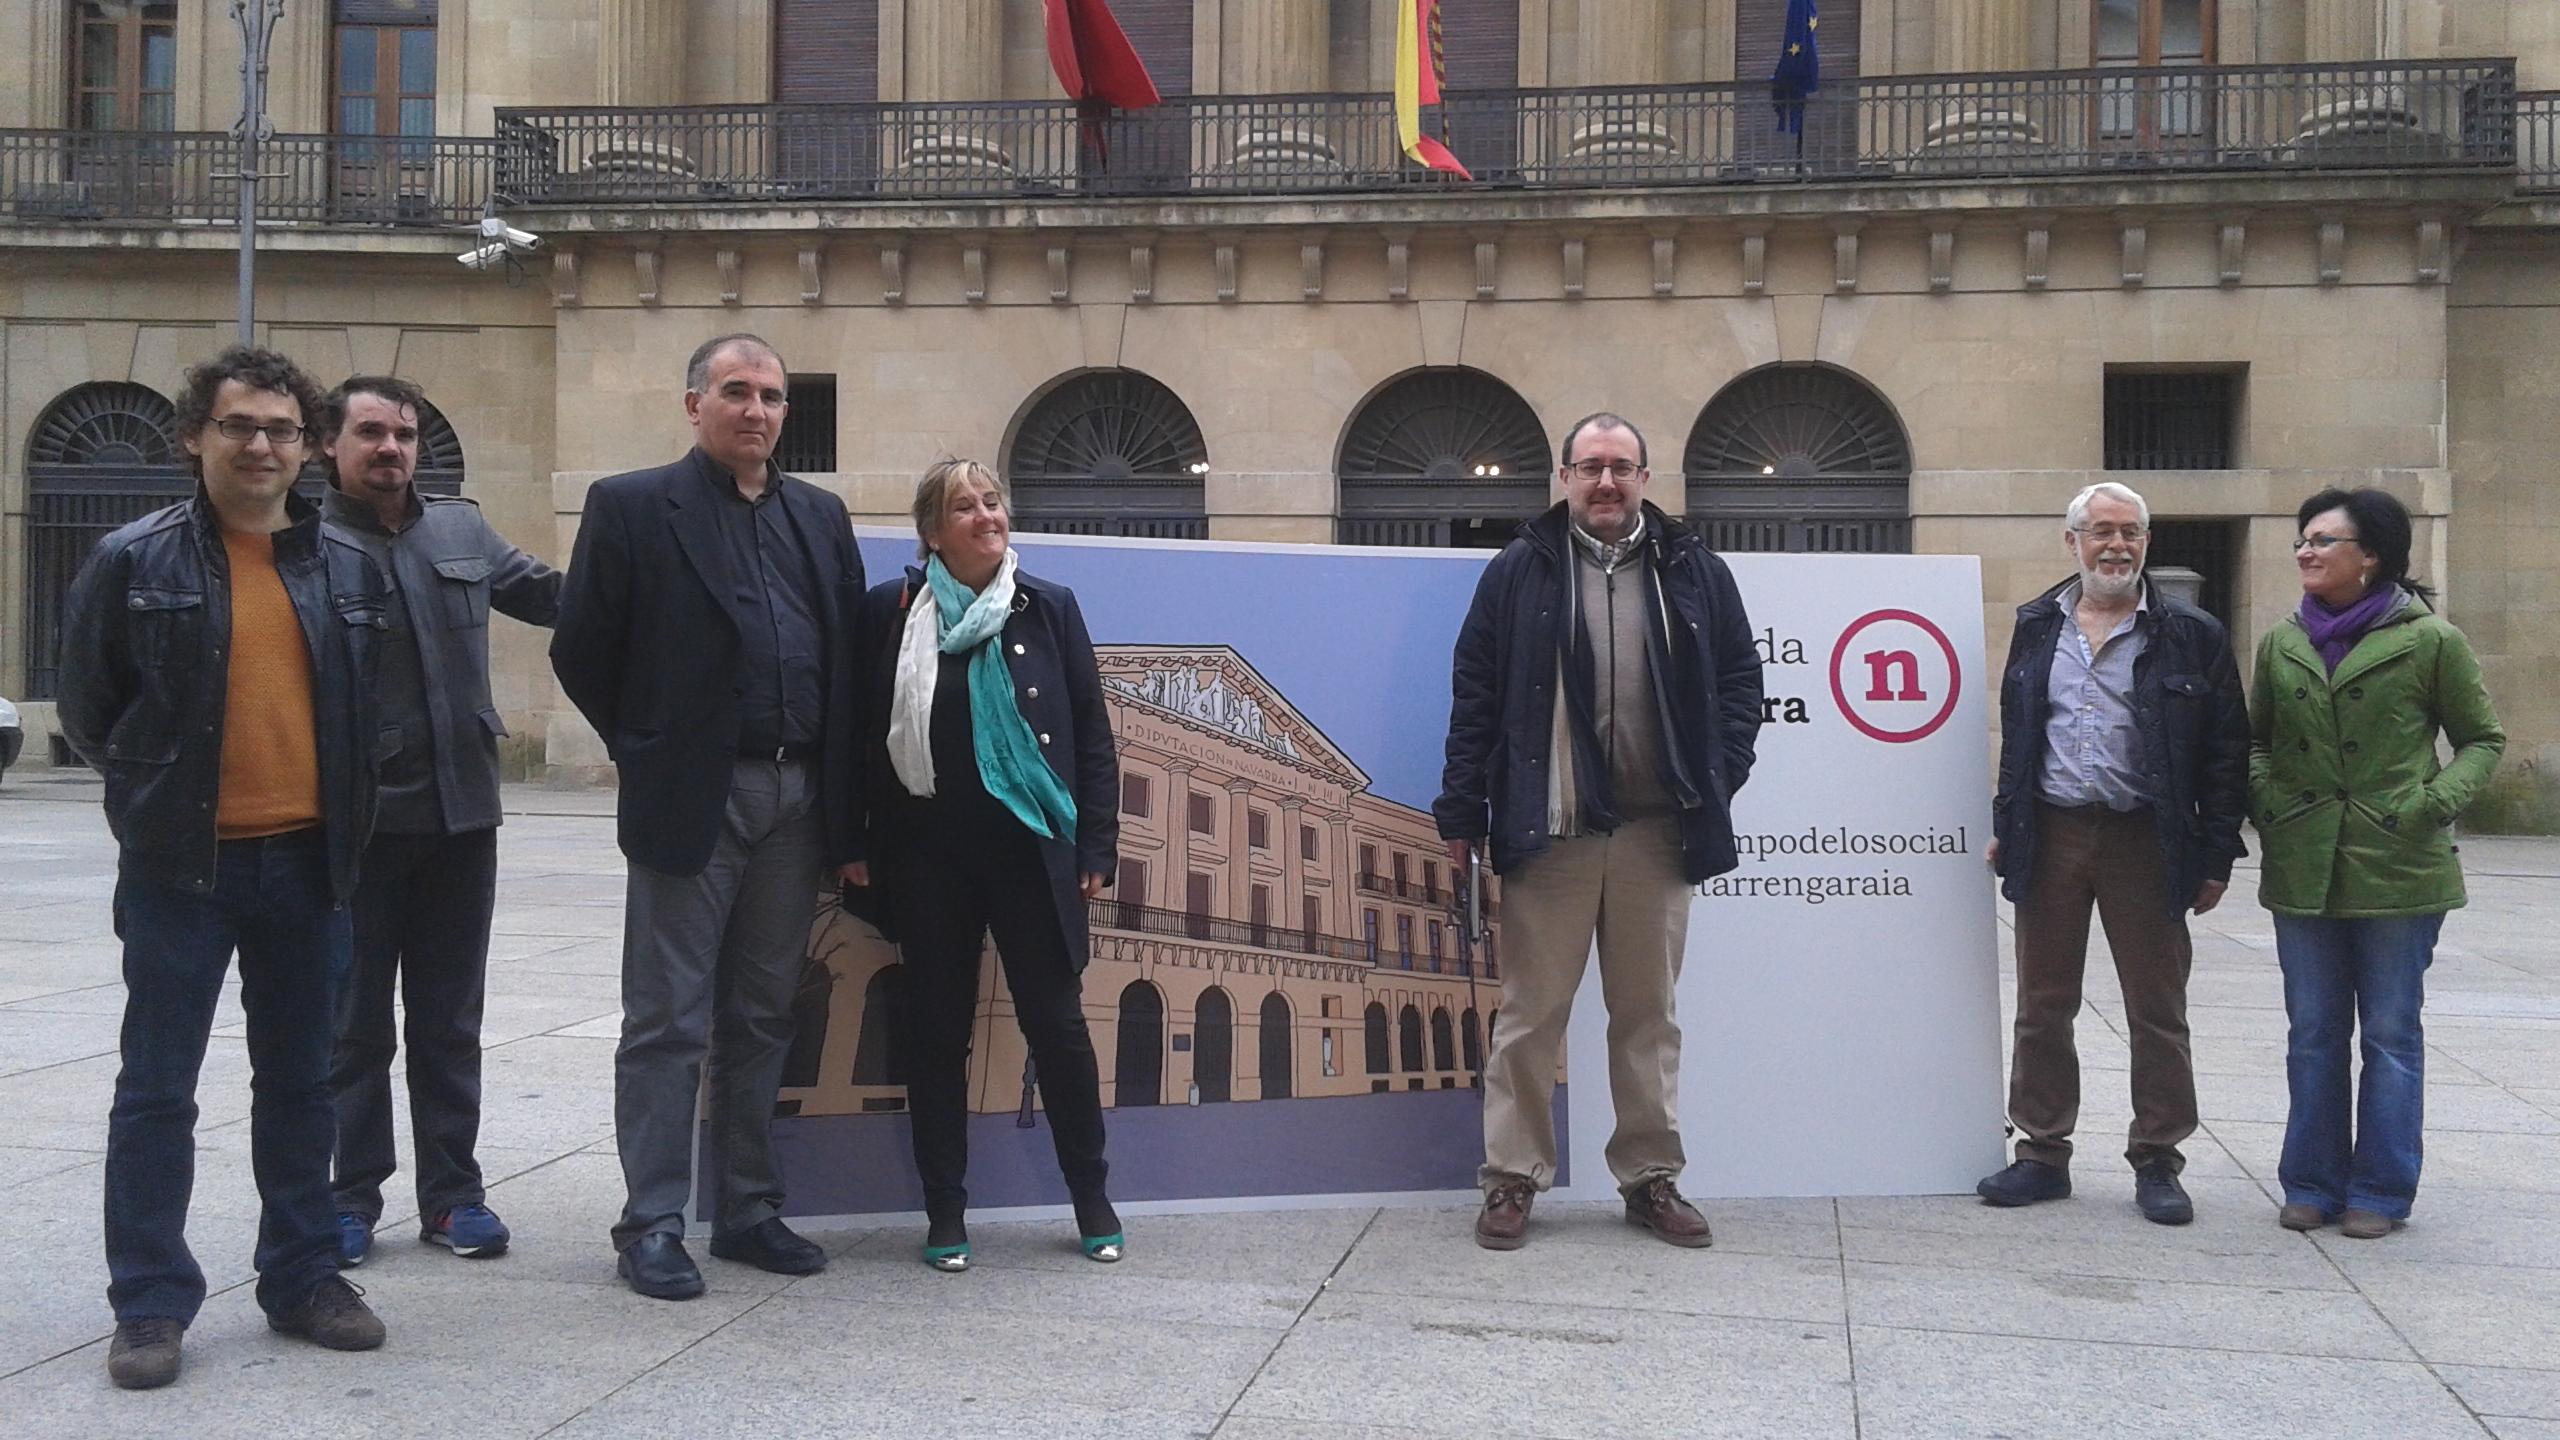 12 prioridades para el cambio de izquierdas en Navarra